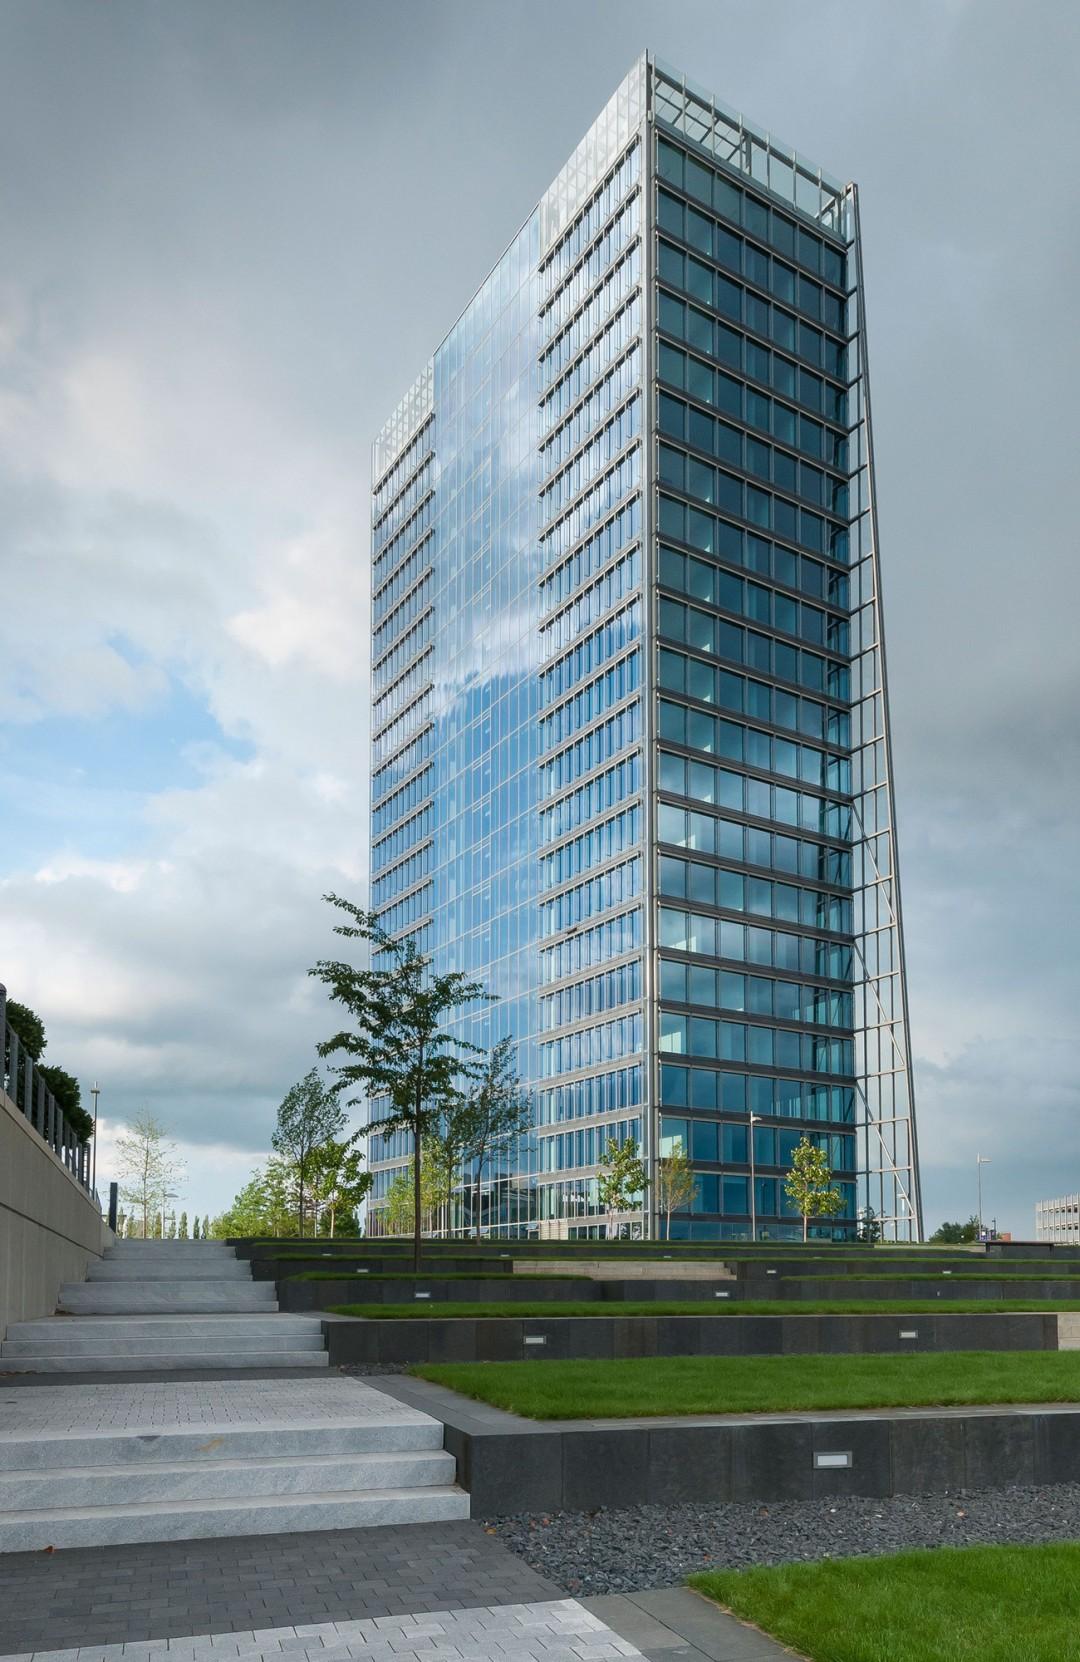 Die Architektur des Bremer Wesertowers ist eine Stahl und Glaskonstuktion in der Überseestadt und wurde von dem Architekten Helmut Jahn entworfen